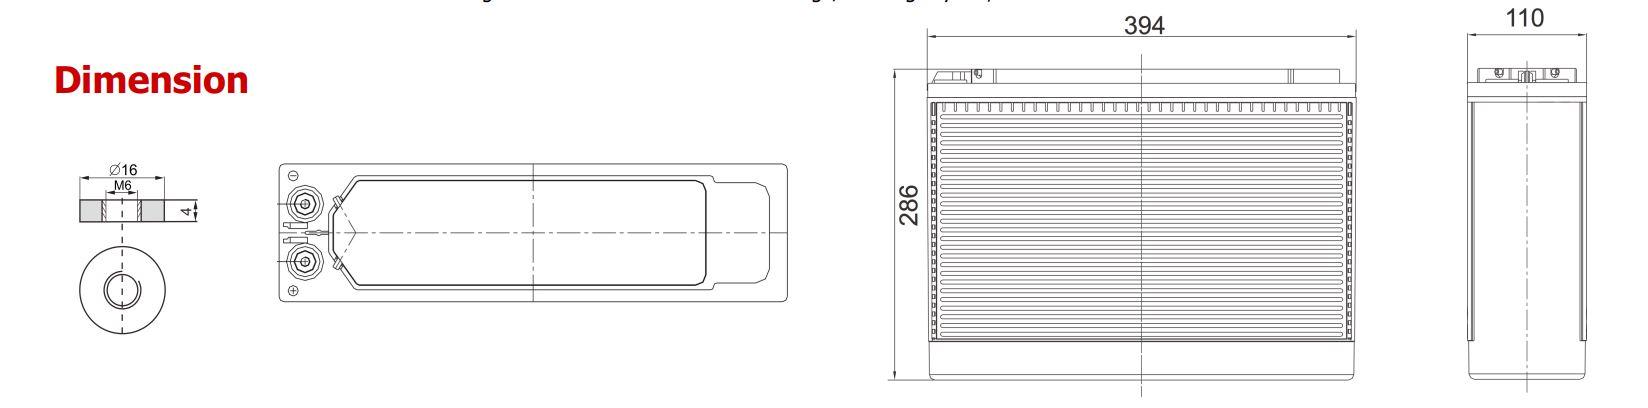 Baleni baterie Sunstone Power 100Ah pro přepravu